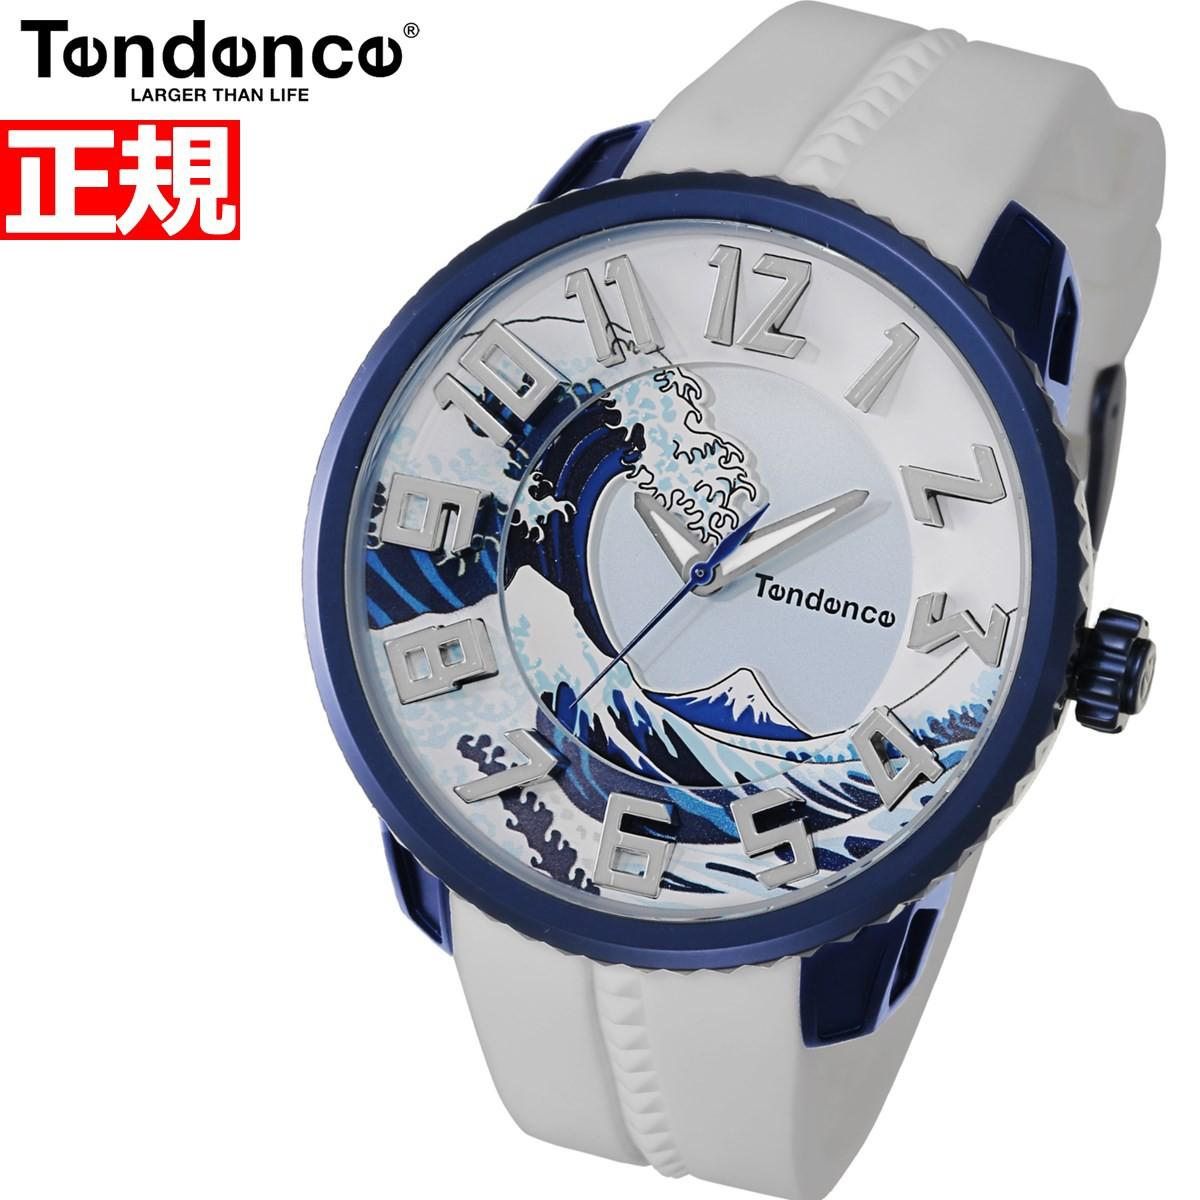 テンデンス Tendence 限定モデル 腕時計 メンズ レディース ジャパンアイコン ホクサイ JAPAN ICON HOKUSAI 北斎 TY143102